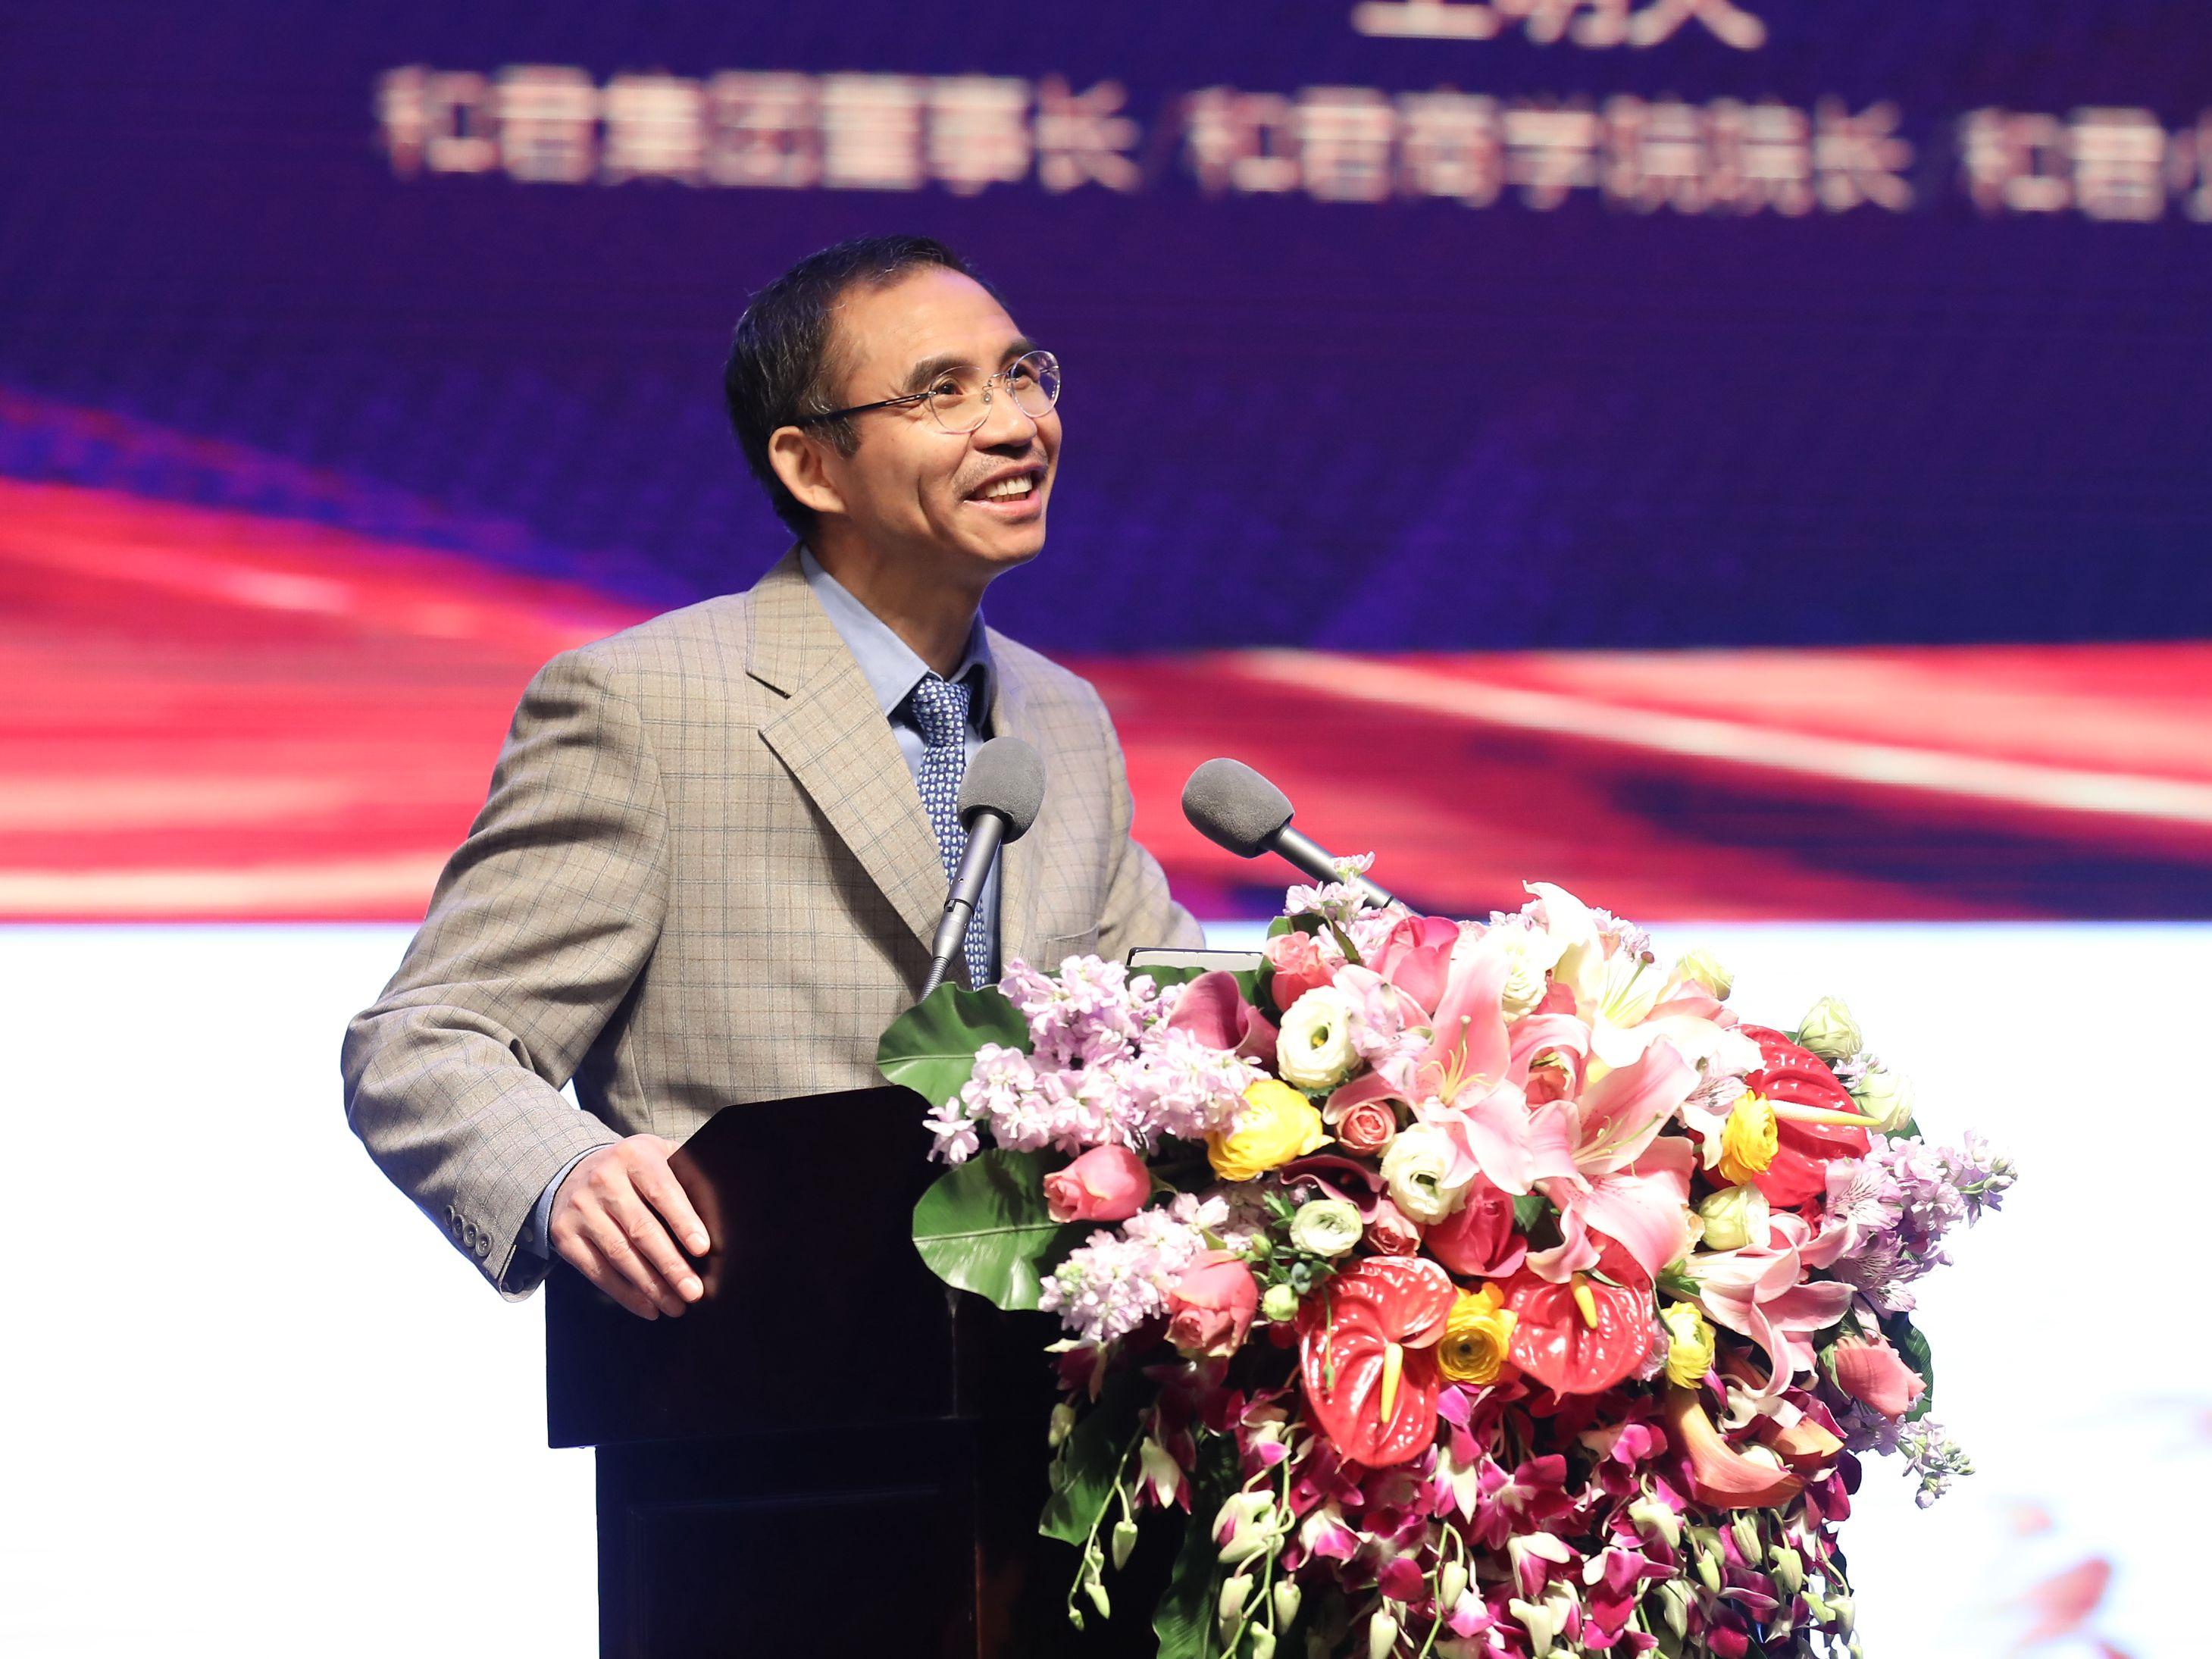 【11.17 14:00】王明夫:市值管理的理论与实操